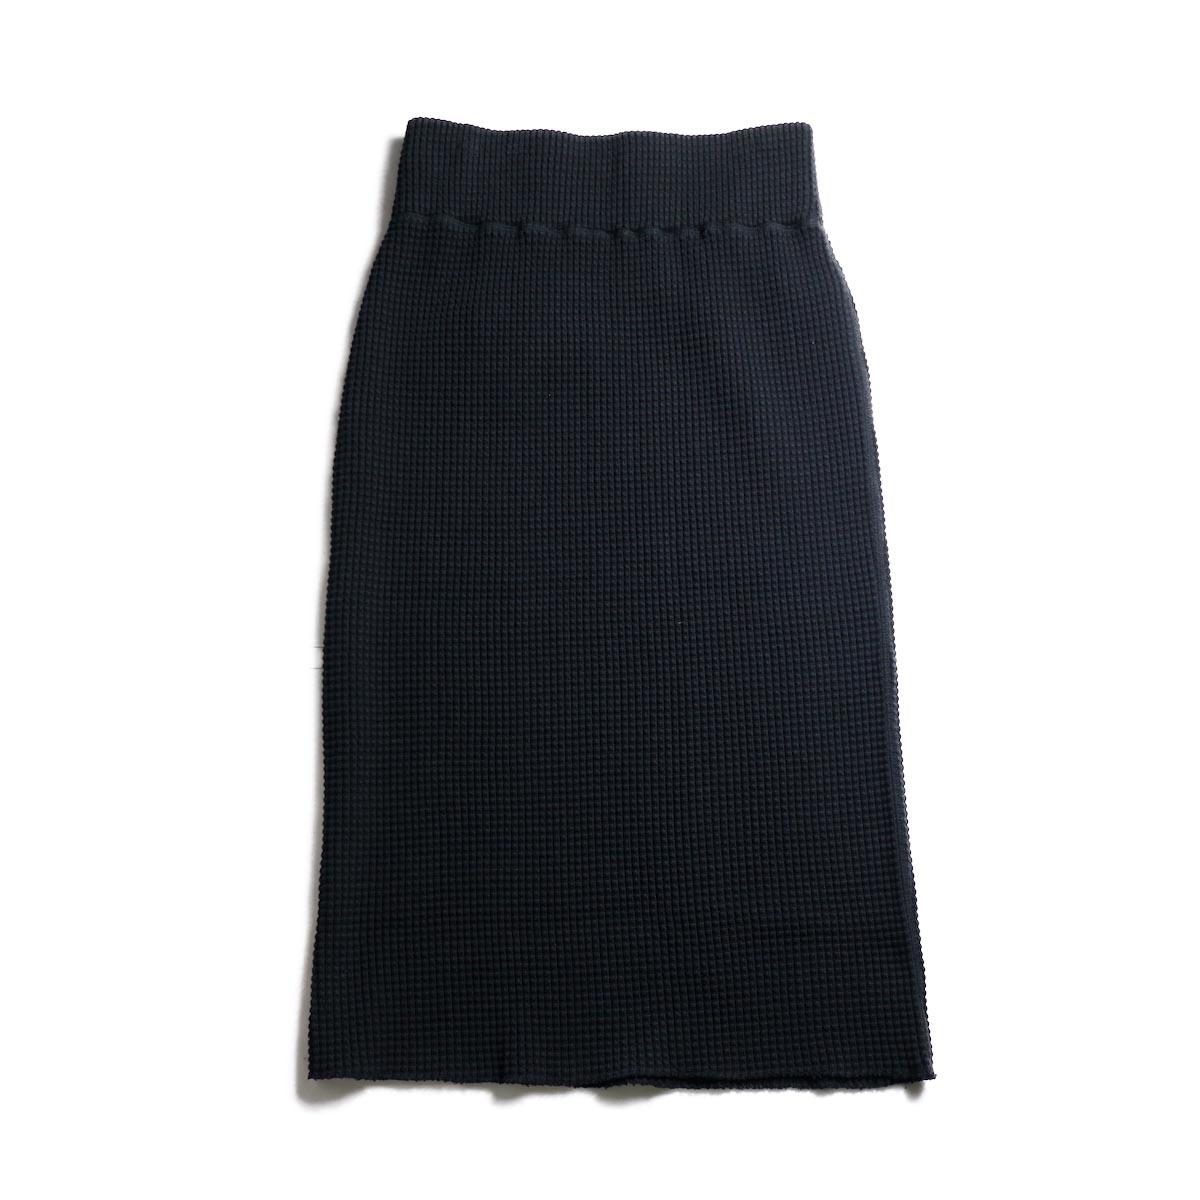 BLUEBIRD BOULEVARD / ヘヴィウェイトワッフルタイトスカート (Black)